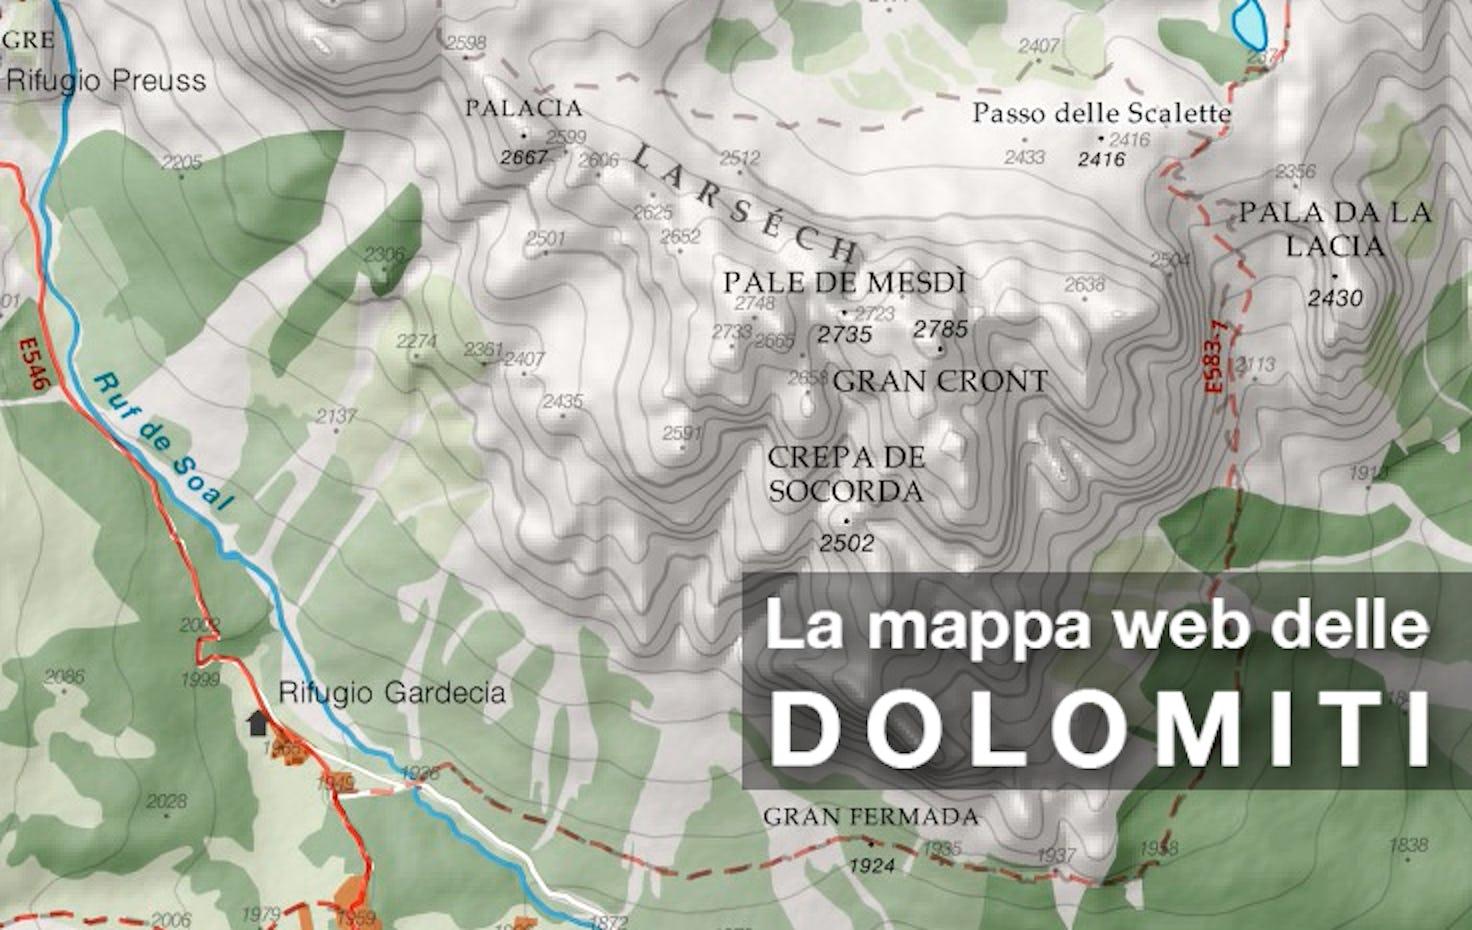 Cartina Dolomiti Italia.La Mappa Escursionistica Web Delle Dolomiti In Crowdfunding Su Eppela